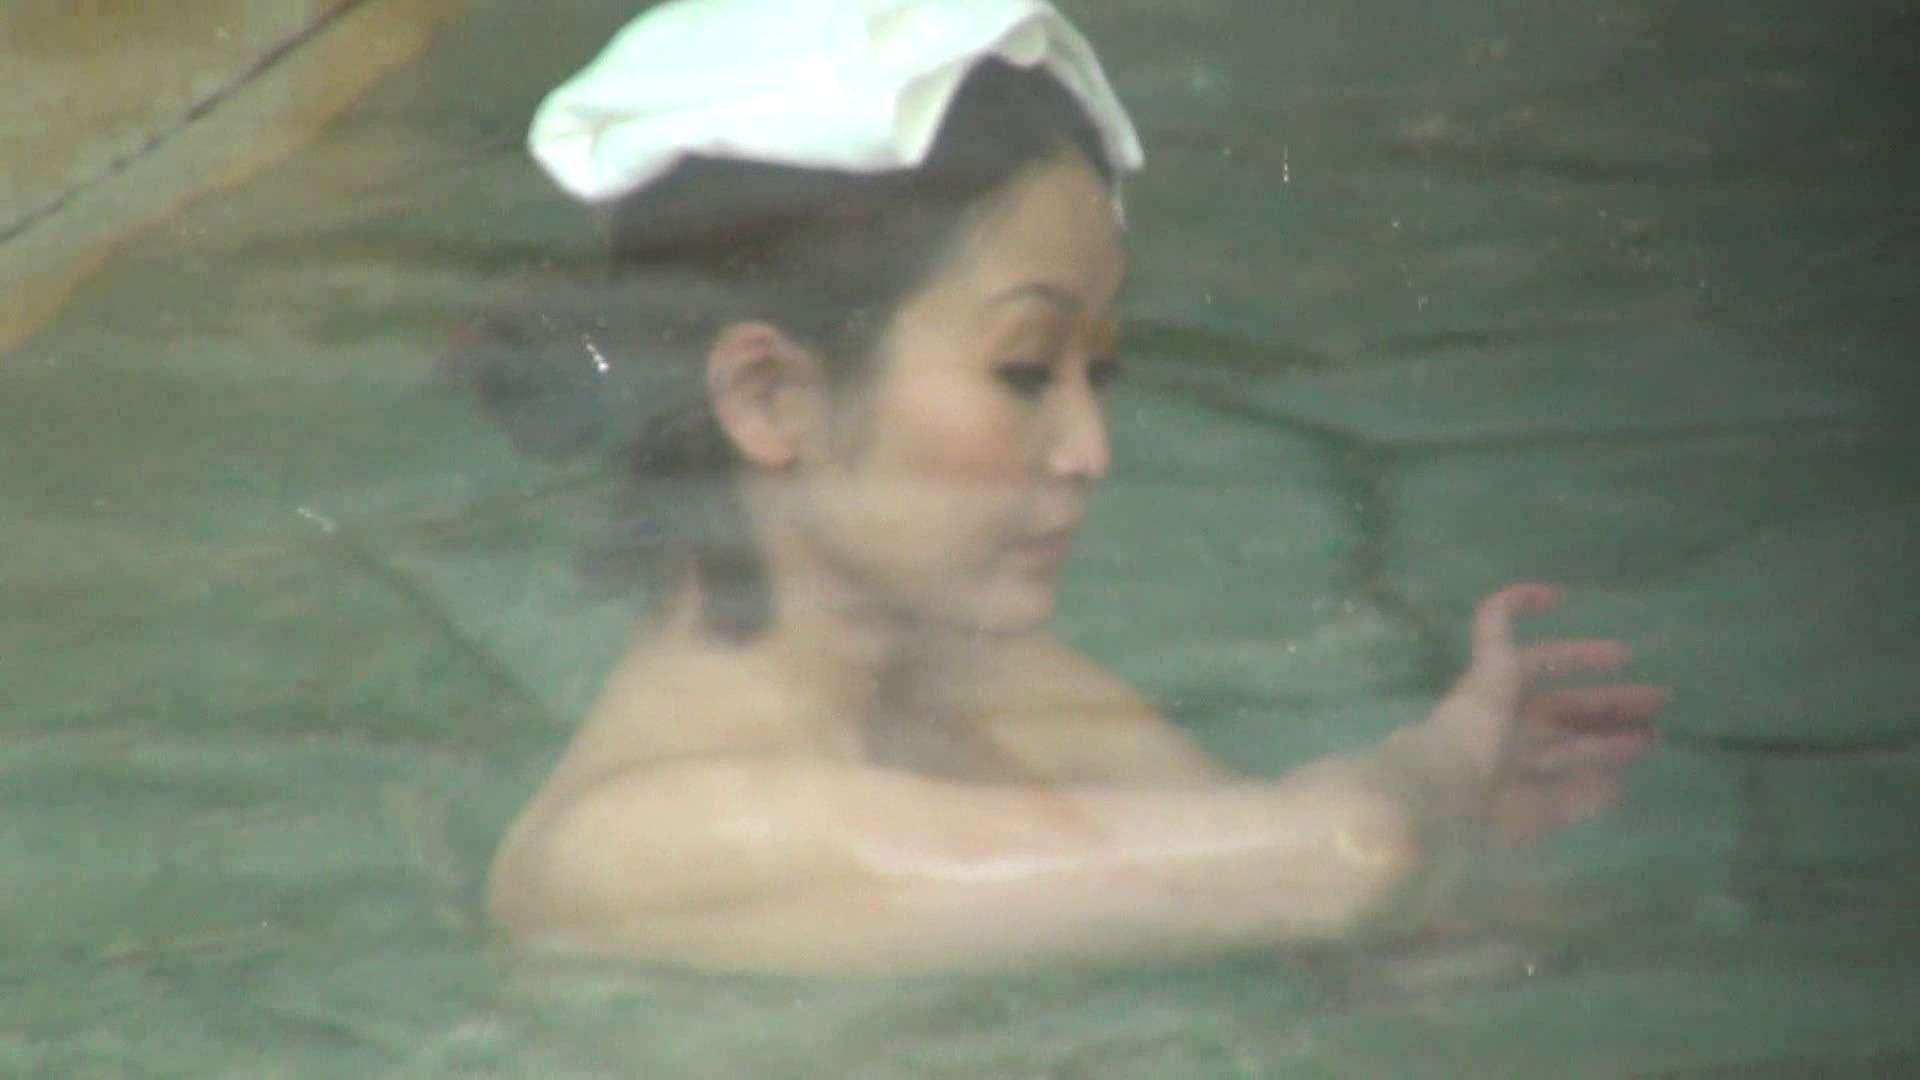 Aquaな露天風呂Vol.284 露天 | 盗撮  97pic 2